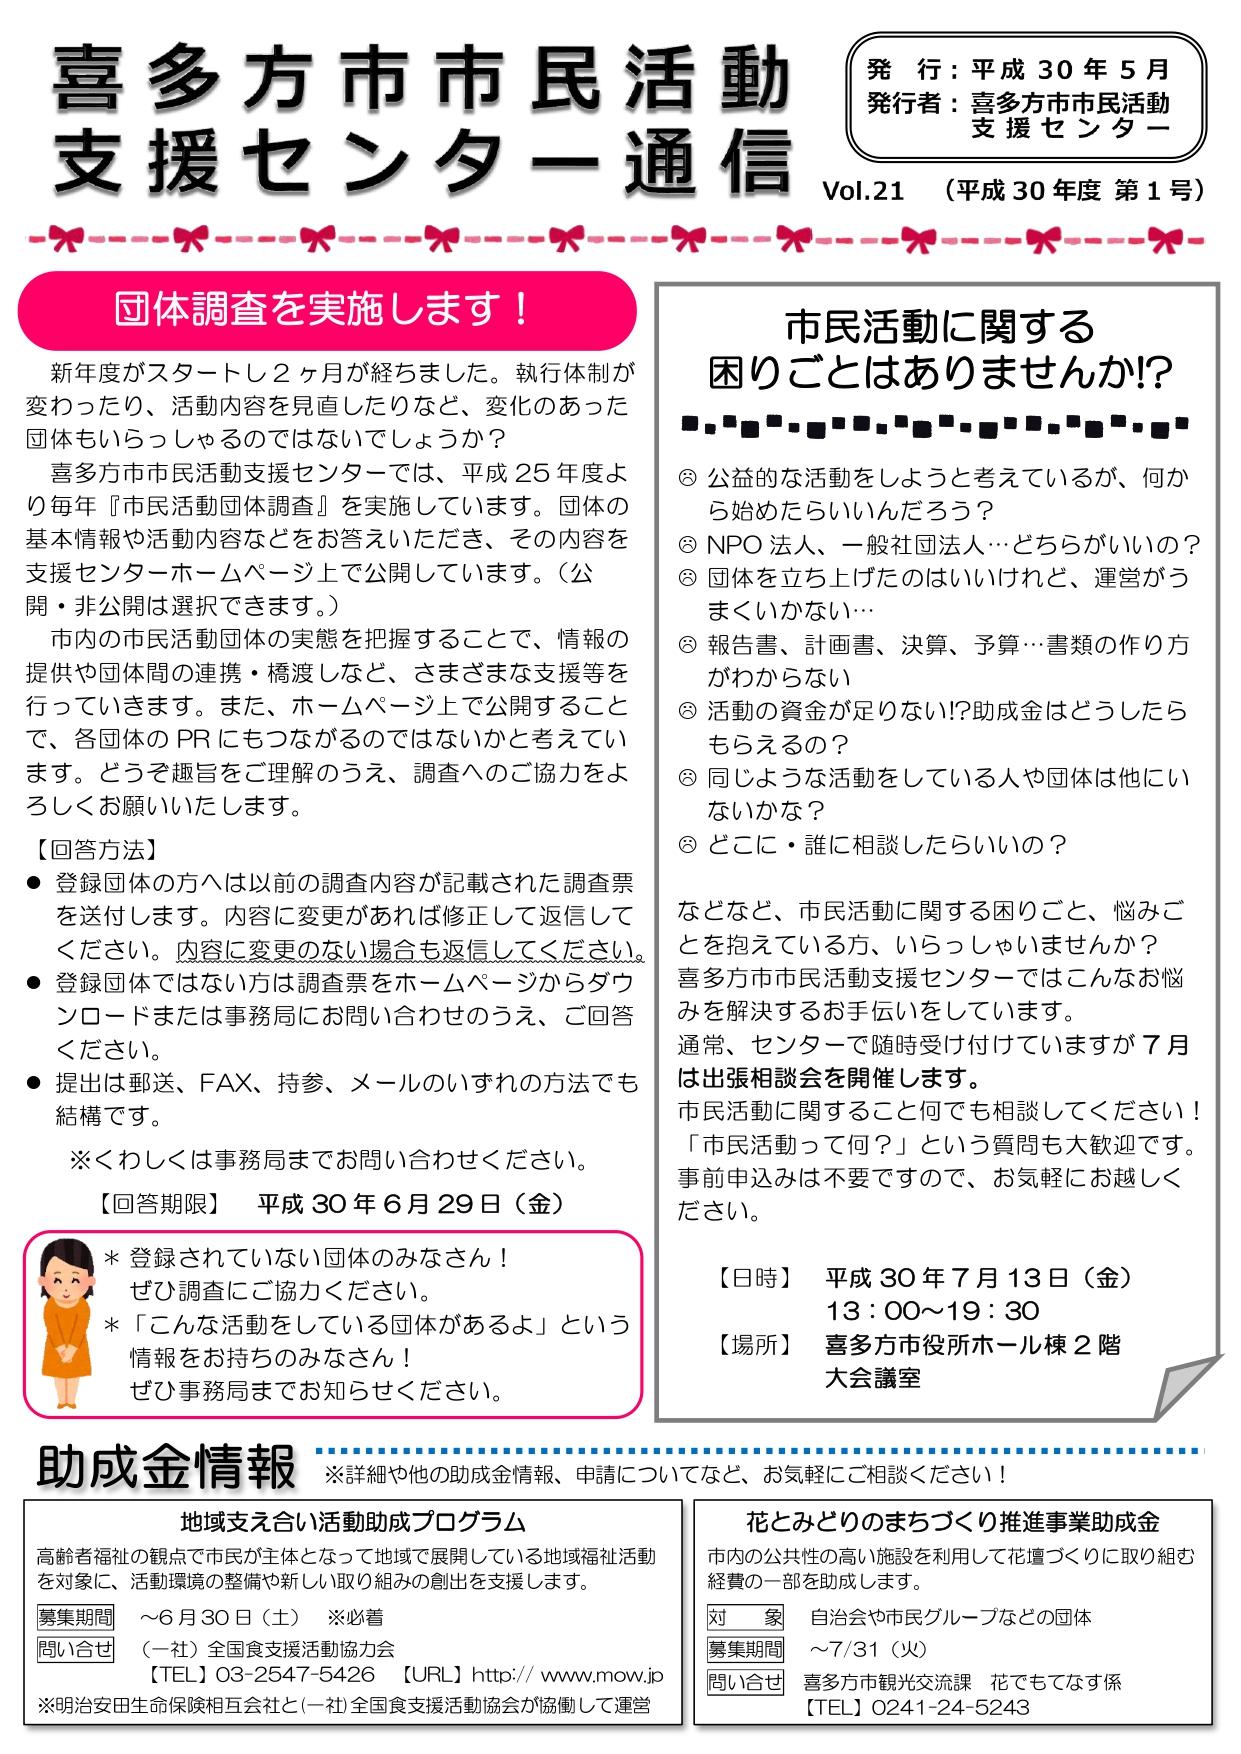 喜多方市市民活動支援センター通信 平成30年度第1号(Vol.21)